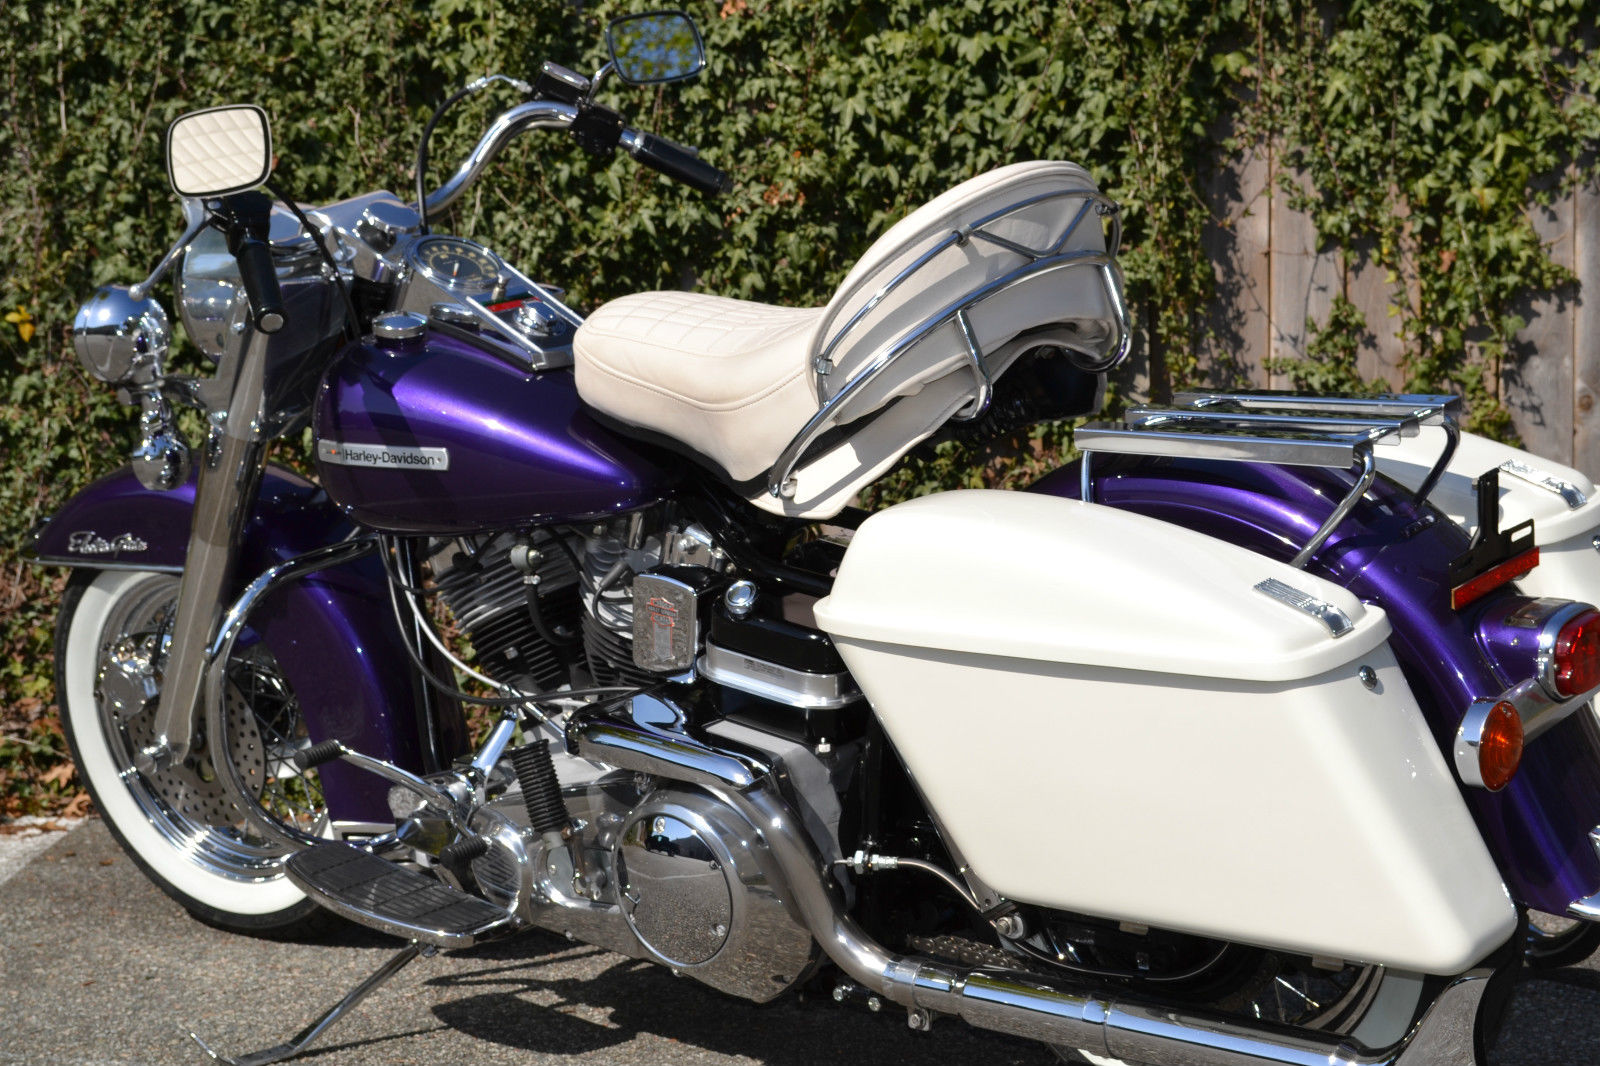 Restored Harley-Davidson FLH Shovelhead - 1972 Photographs